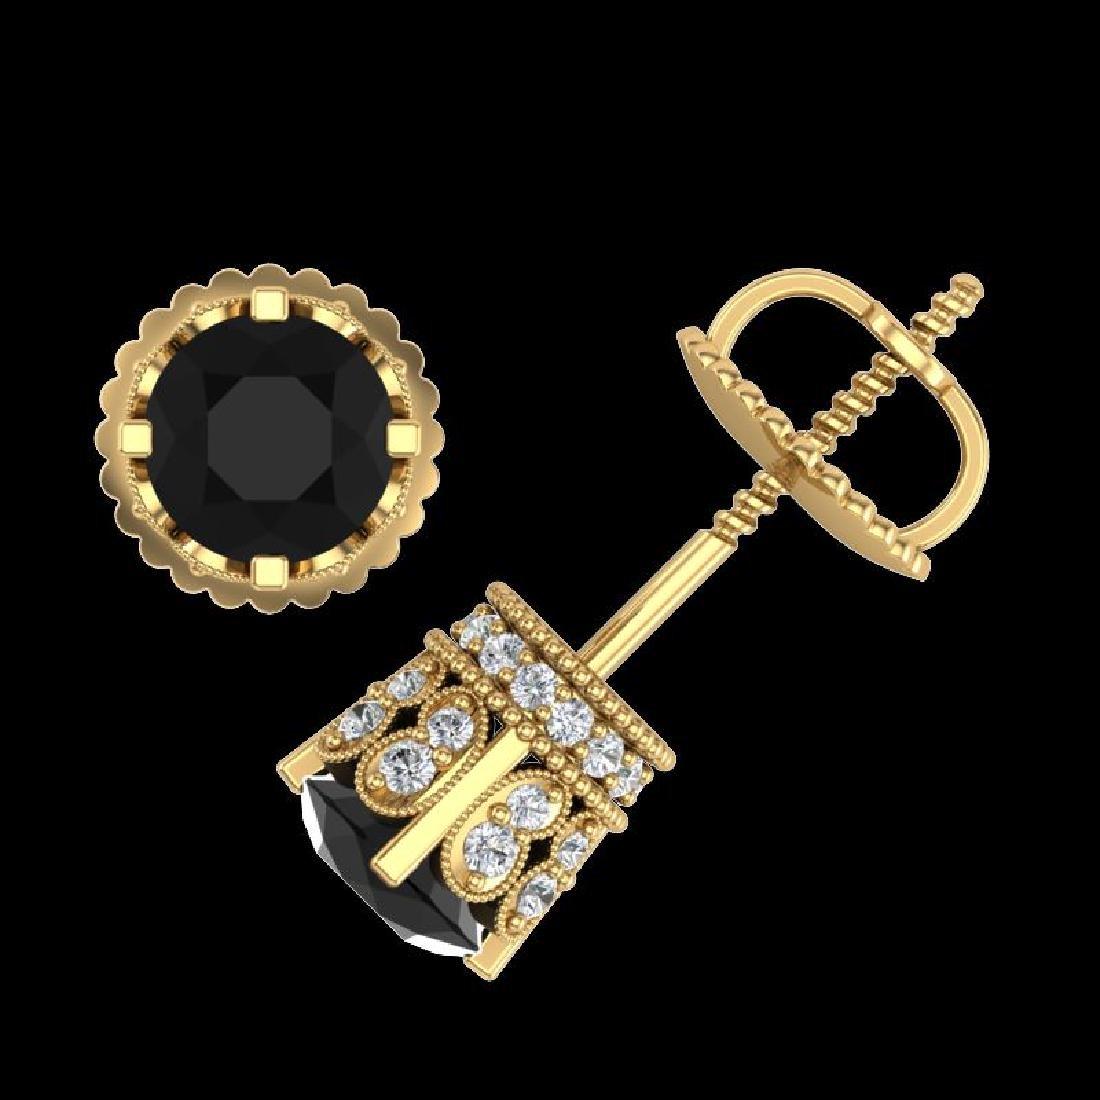 1.75 CTW Fancy Black Diamond Solitaire Art Deco Stud - 3